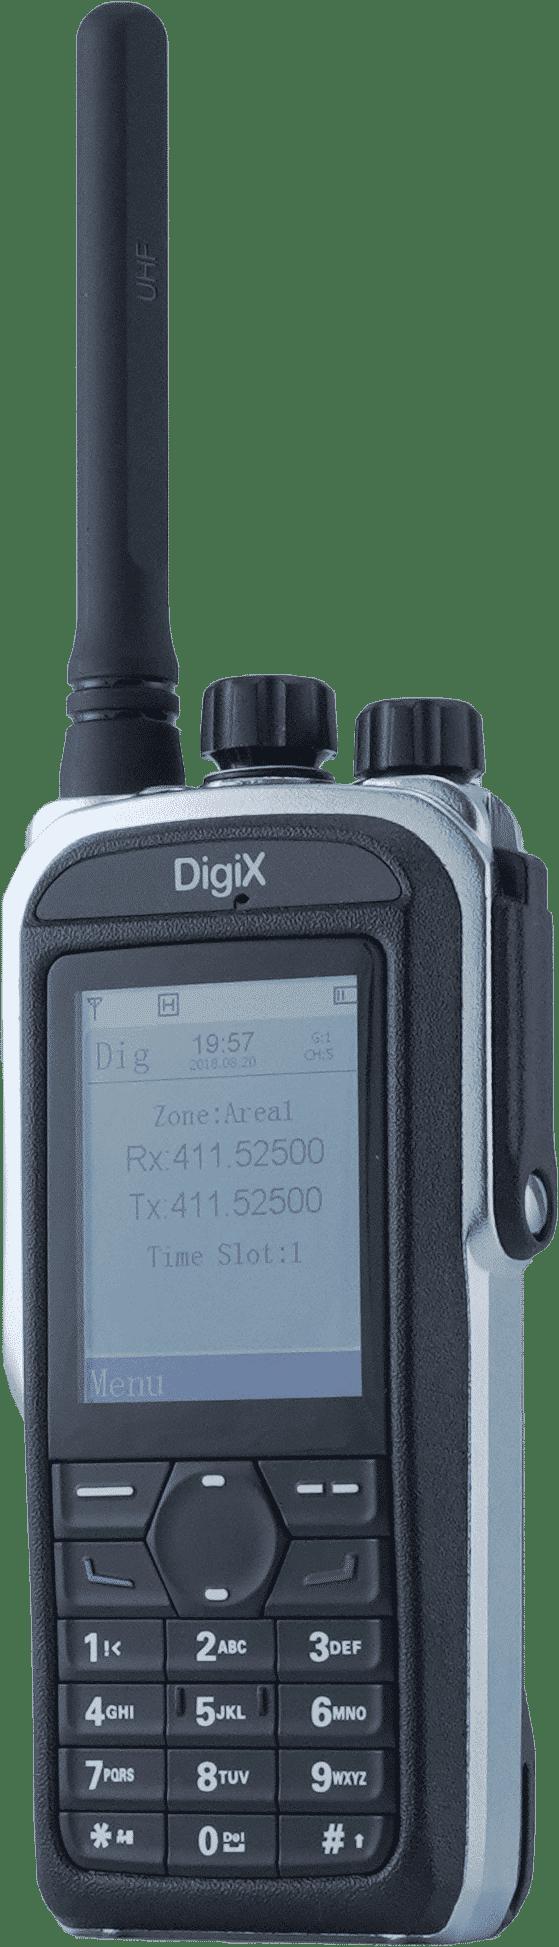 _0001_DigiX-Link-Keypad-Front